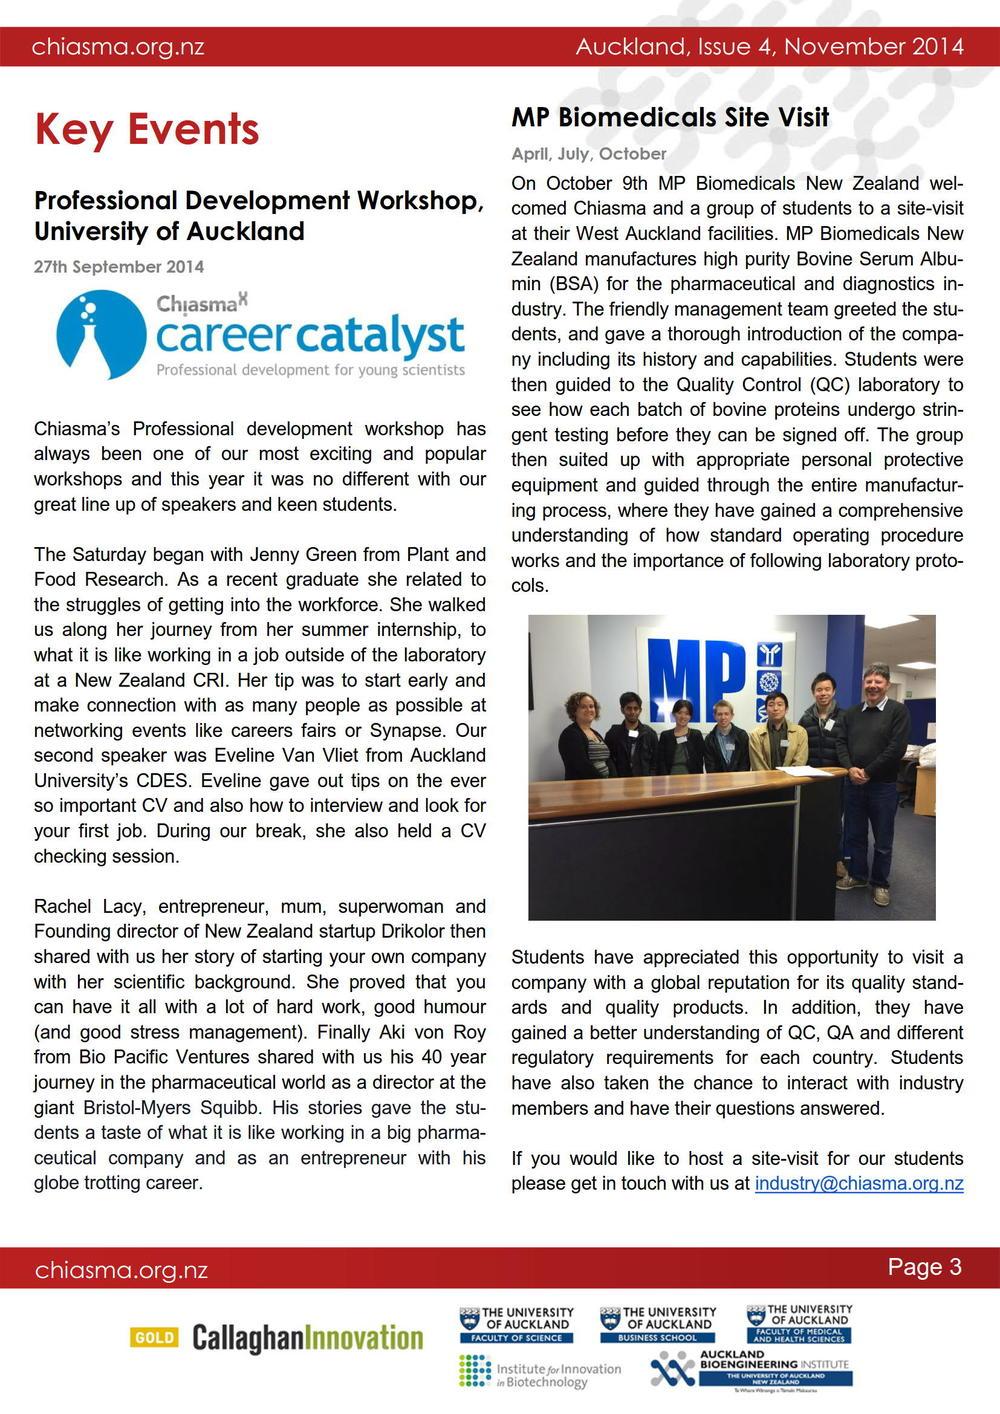 Industry_newsletter_4_2014_3.jpg